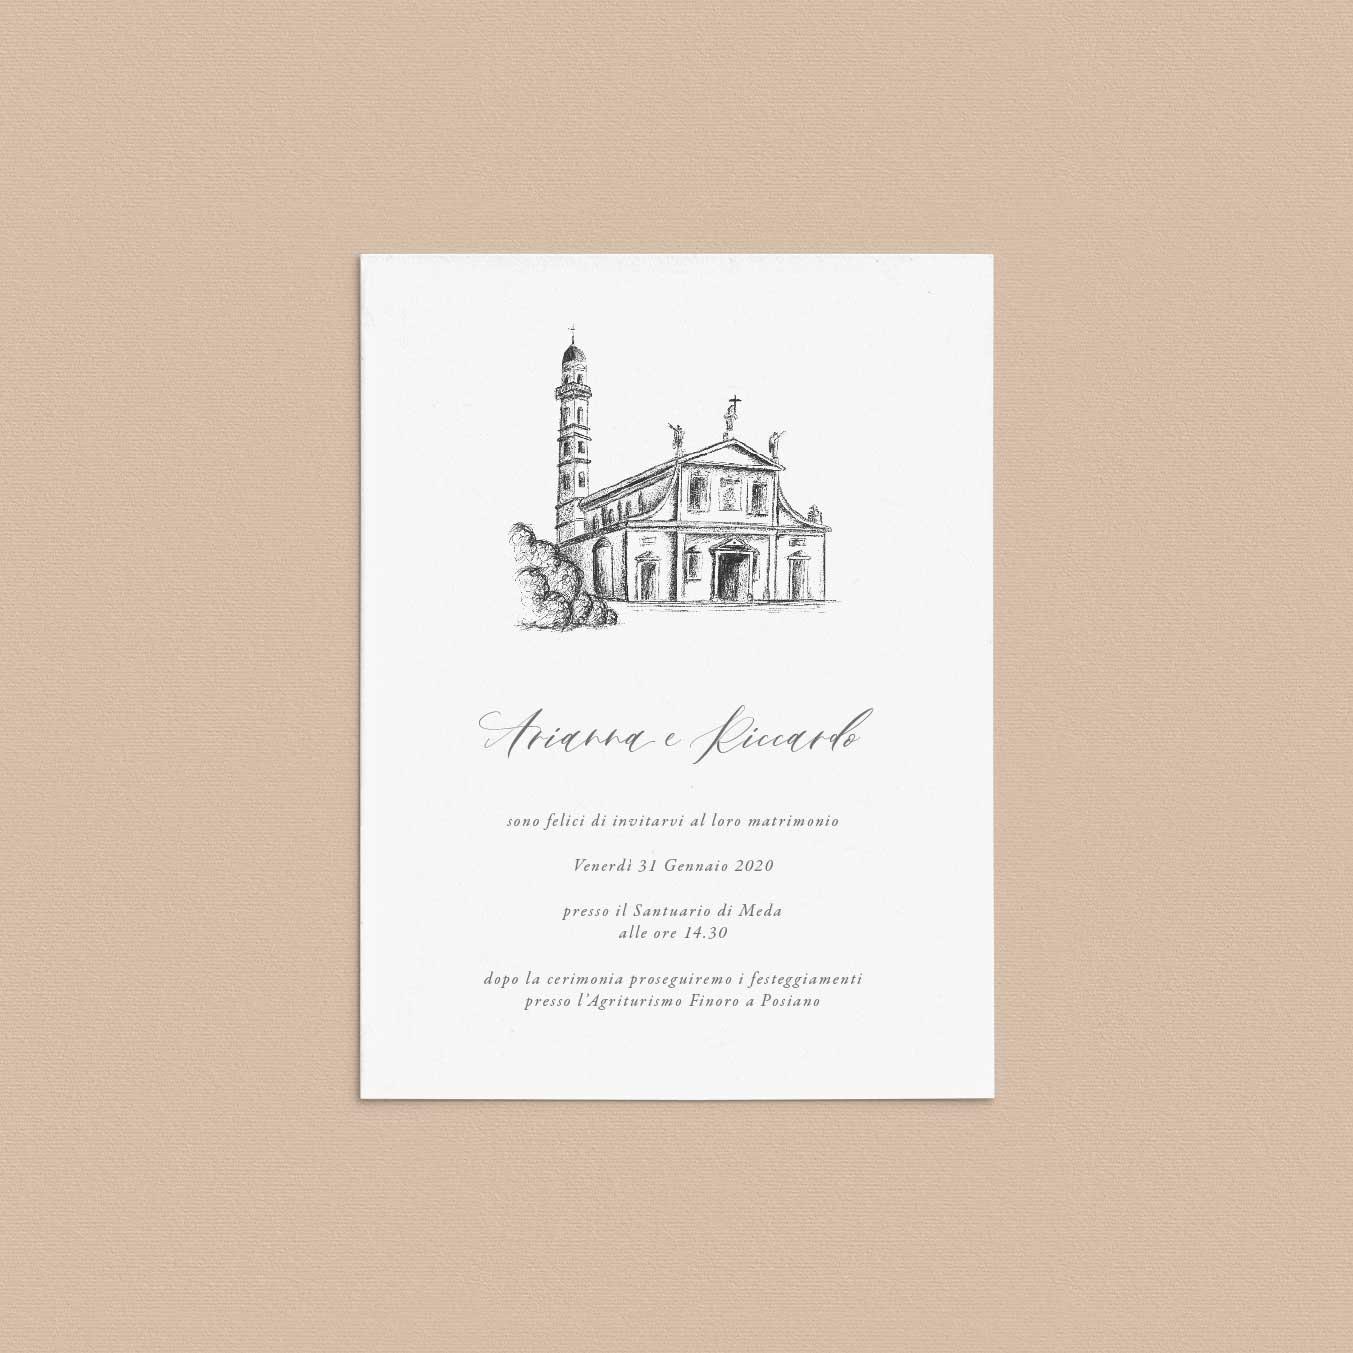 Partecipazioni-matrimonio-inviti-nozze-messa-chiesa-santuario-illustrato-illustrazione-disegno-personalizzato